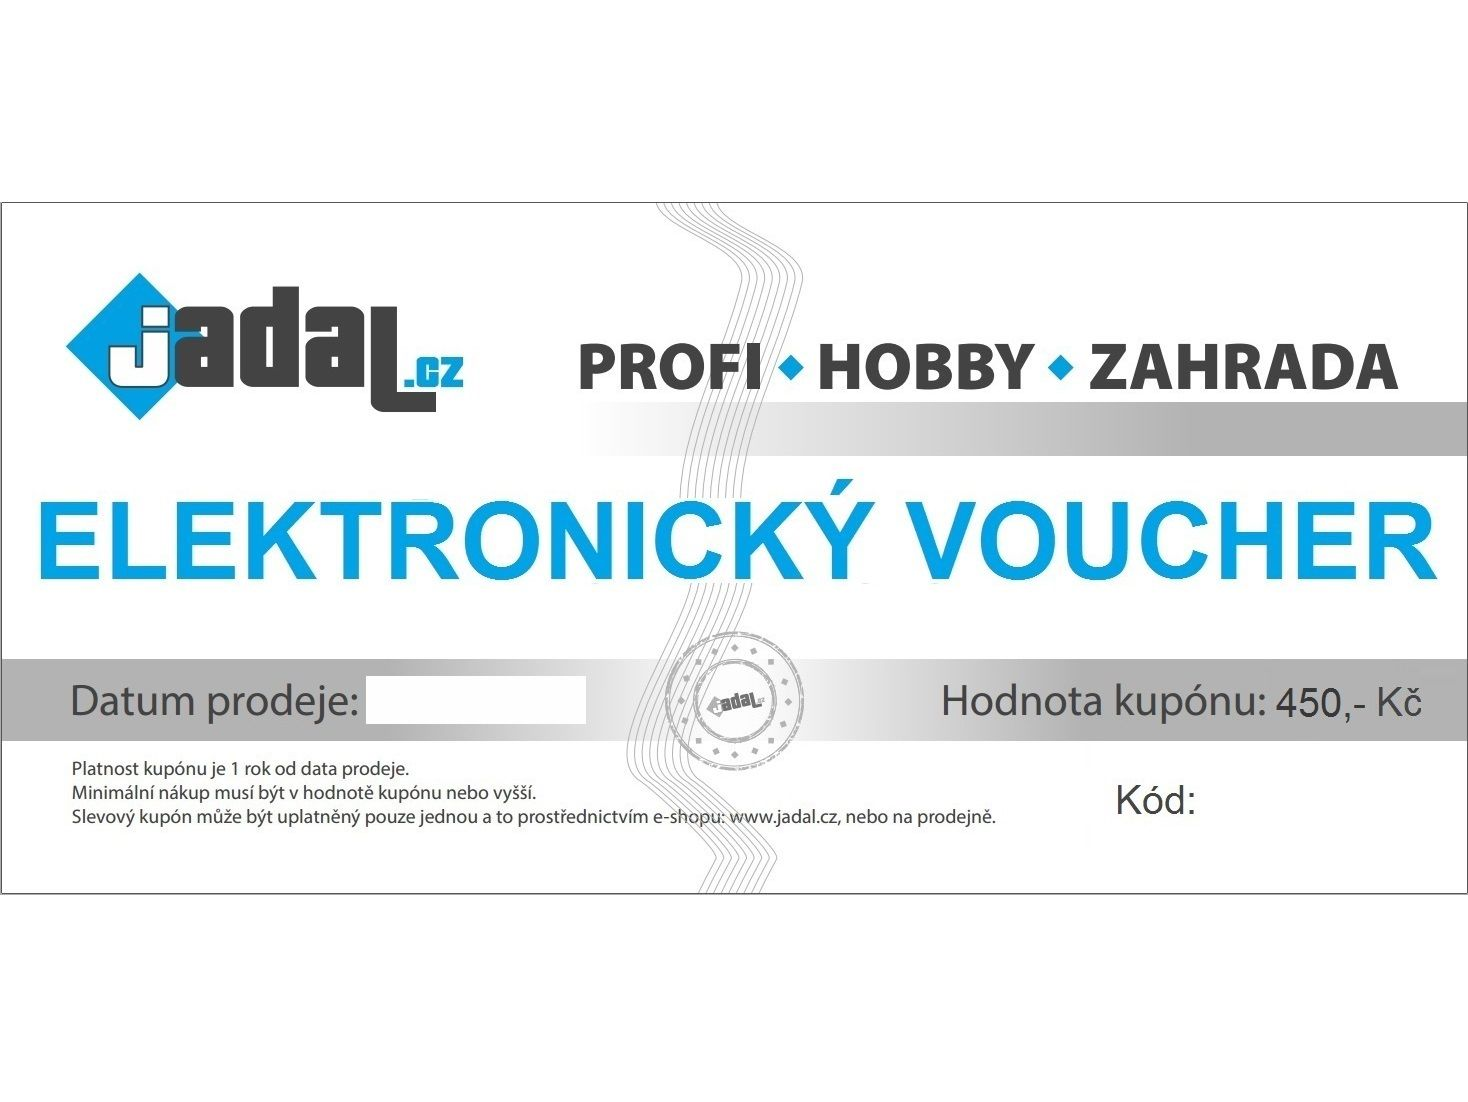 Elektronický voucher - poukaz v hodnotě 450,-Kč